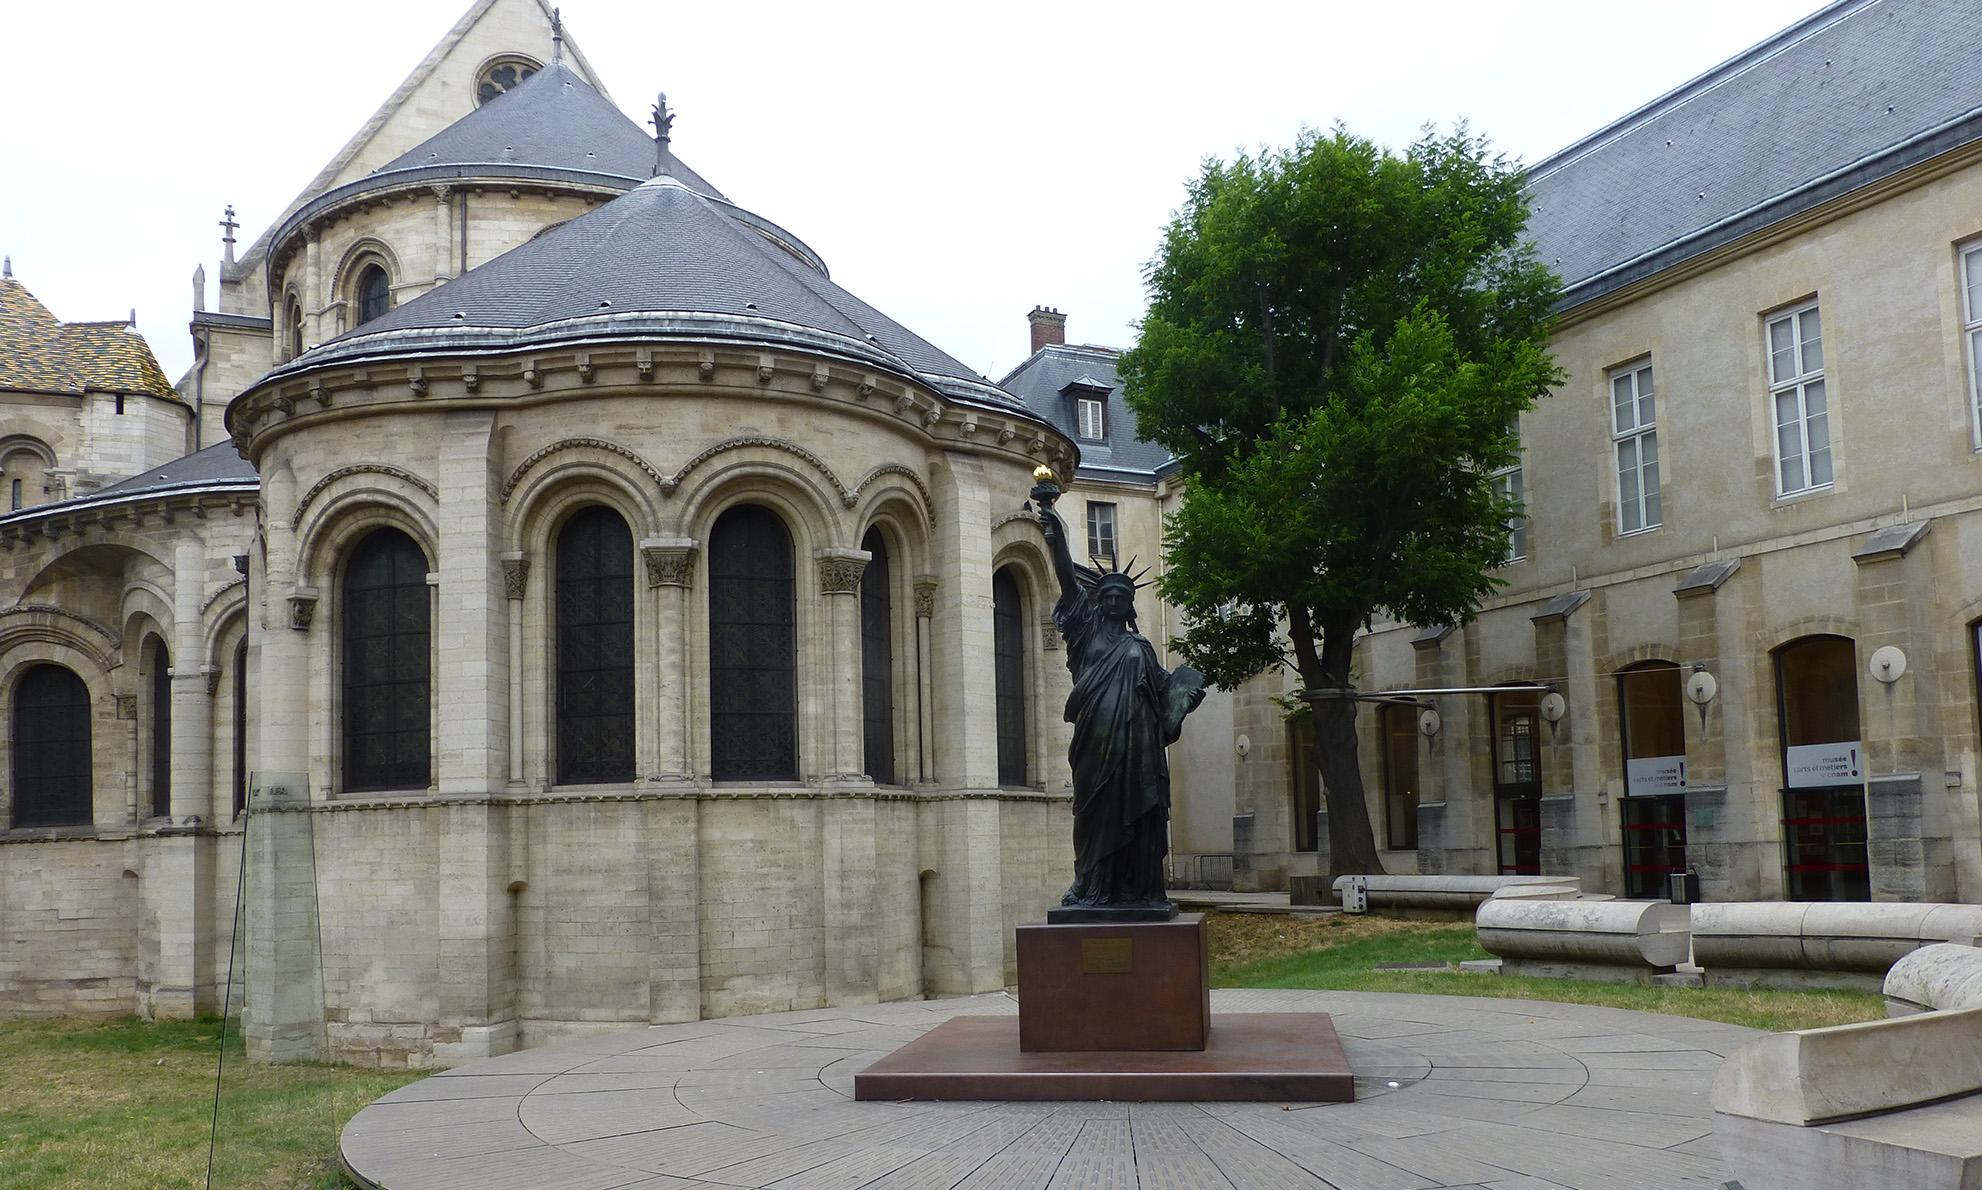 statue de la liberté paris etats unis new york washington musée des arts et métiers